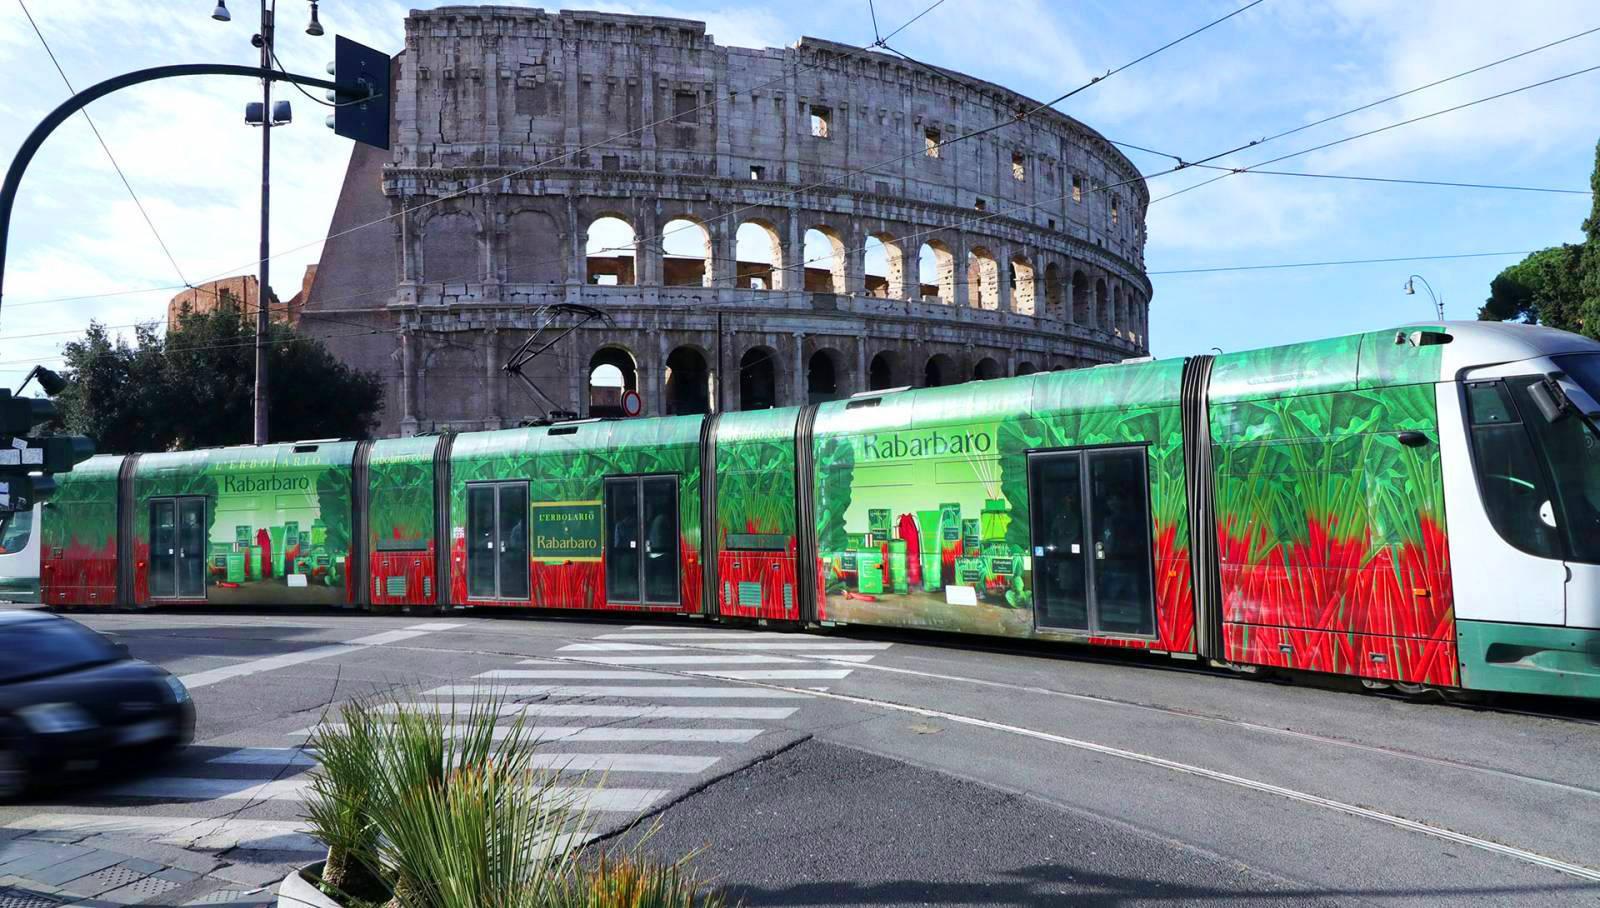 Pubblicità su tram IGPDecaux Tram decorato per L'Erbolario a Roma